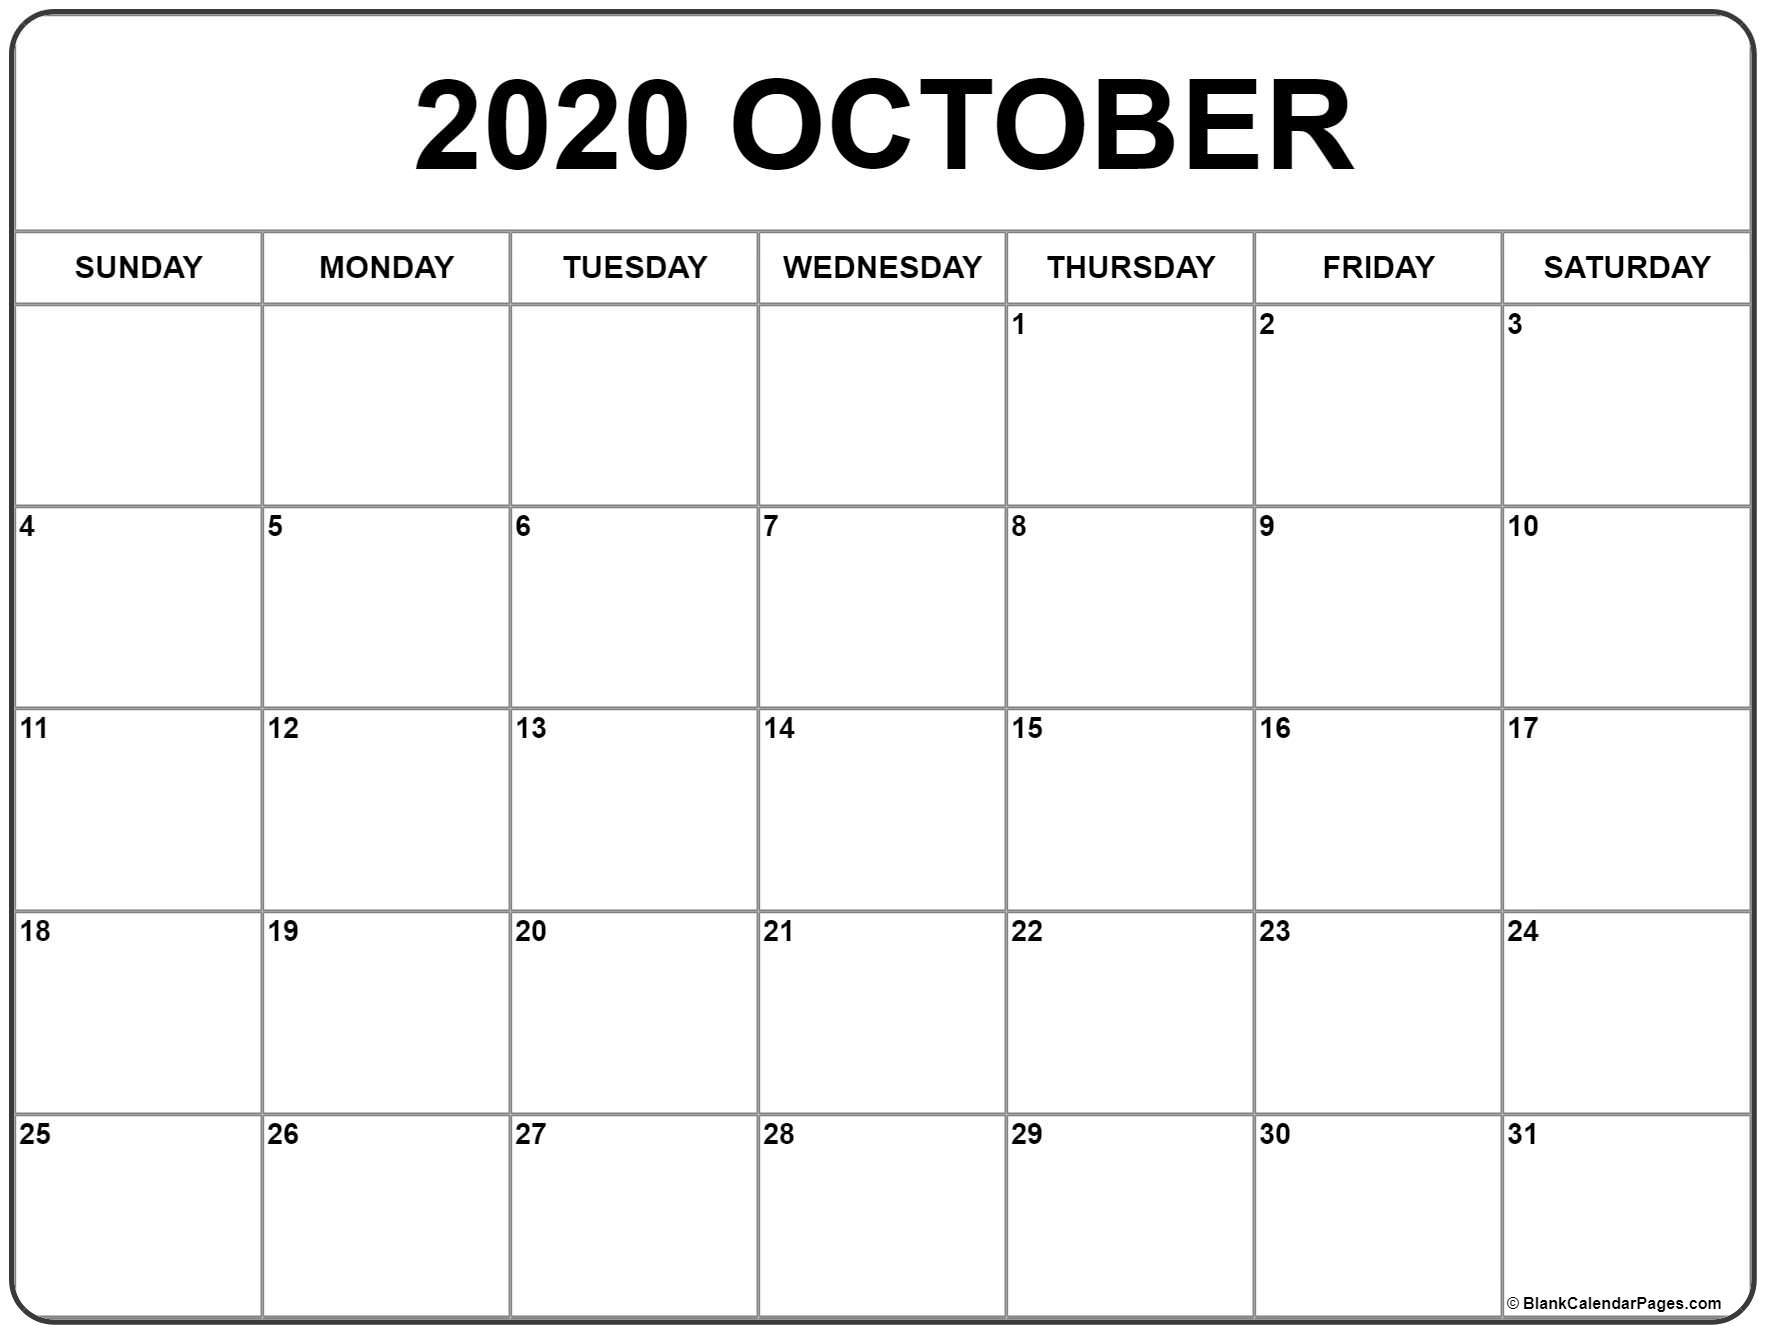 October 2020 Calendar With Holidays Printable  </p>   </div>        <br>     <div class=